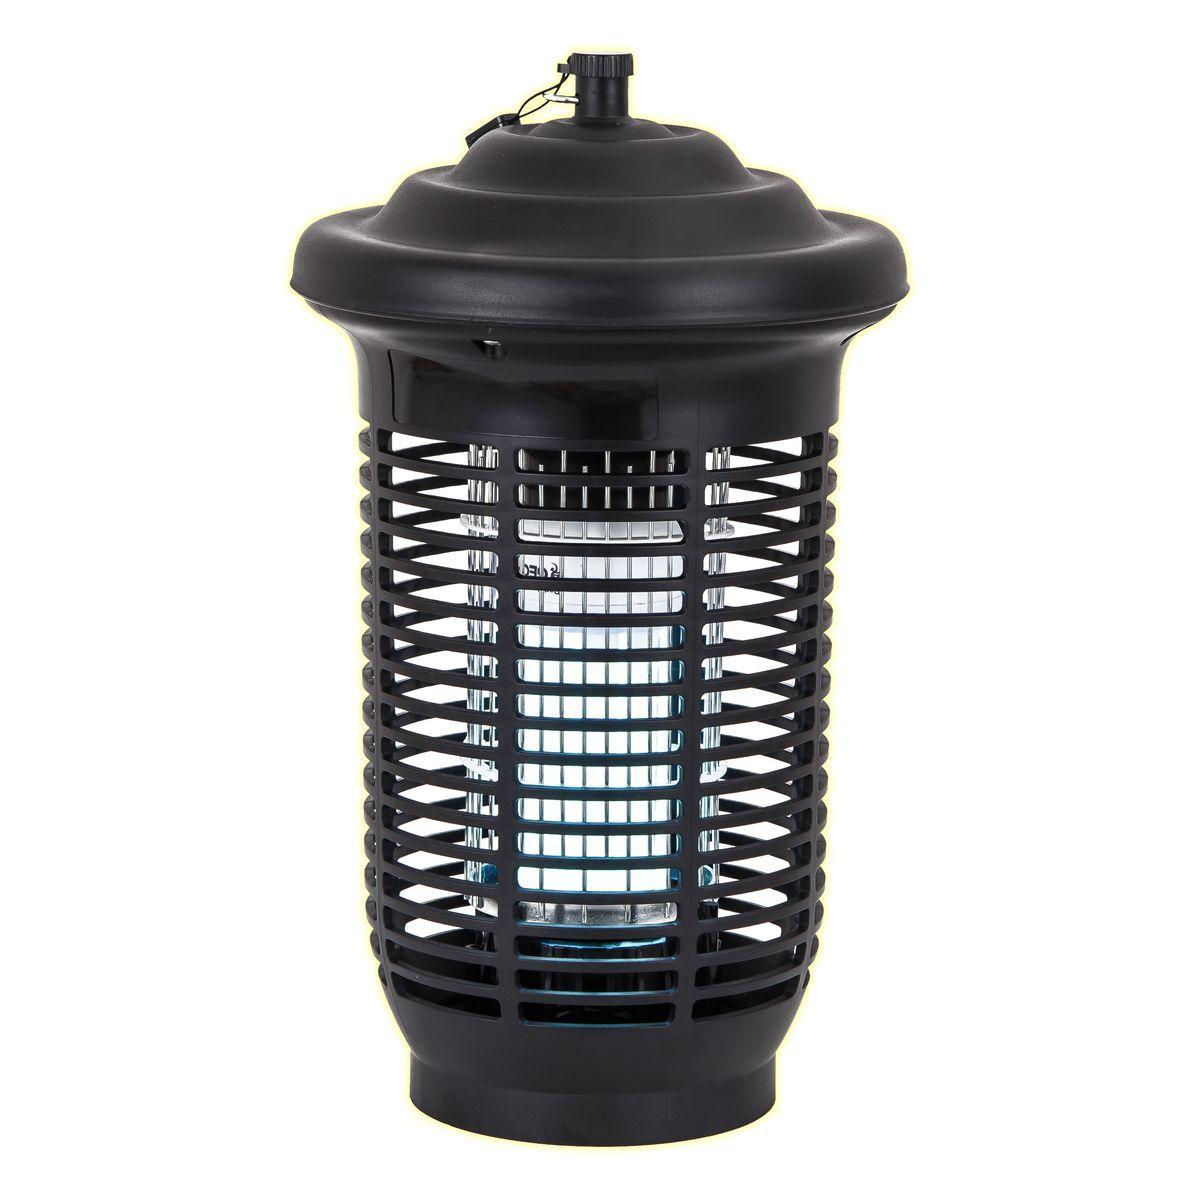 Lanterne anti insectes 001757 - Noir